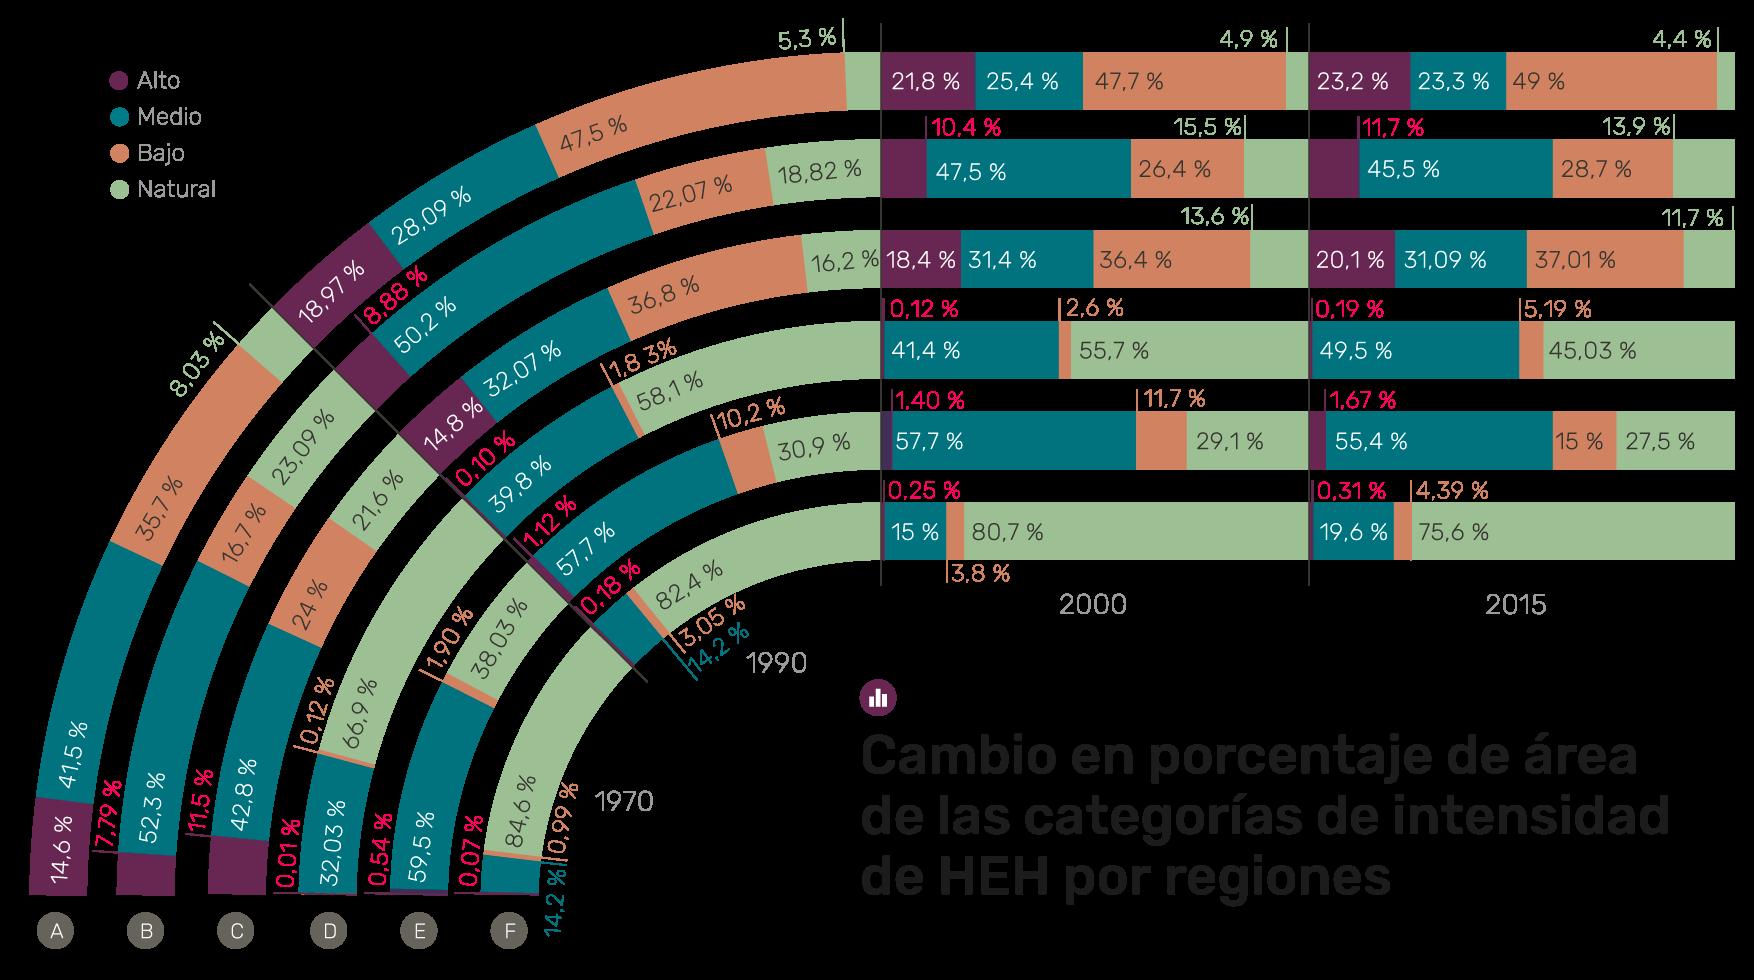 Gráfica: Cambio en porcentaje de área de las categorías de intensidad  de HEH  por regiones